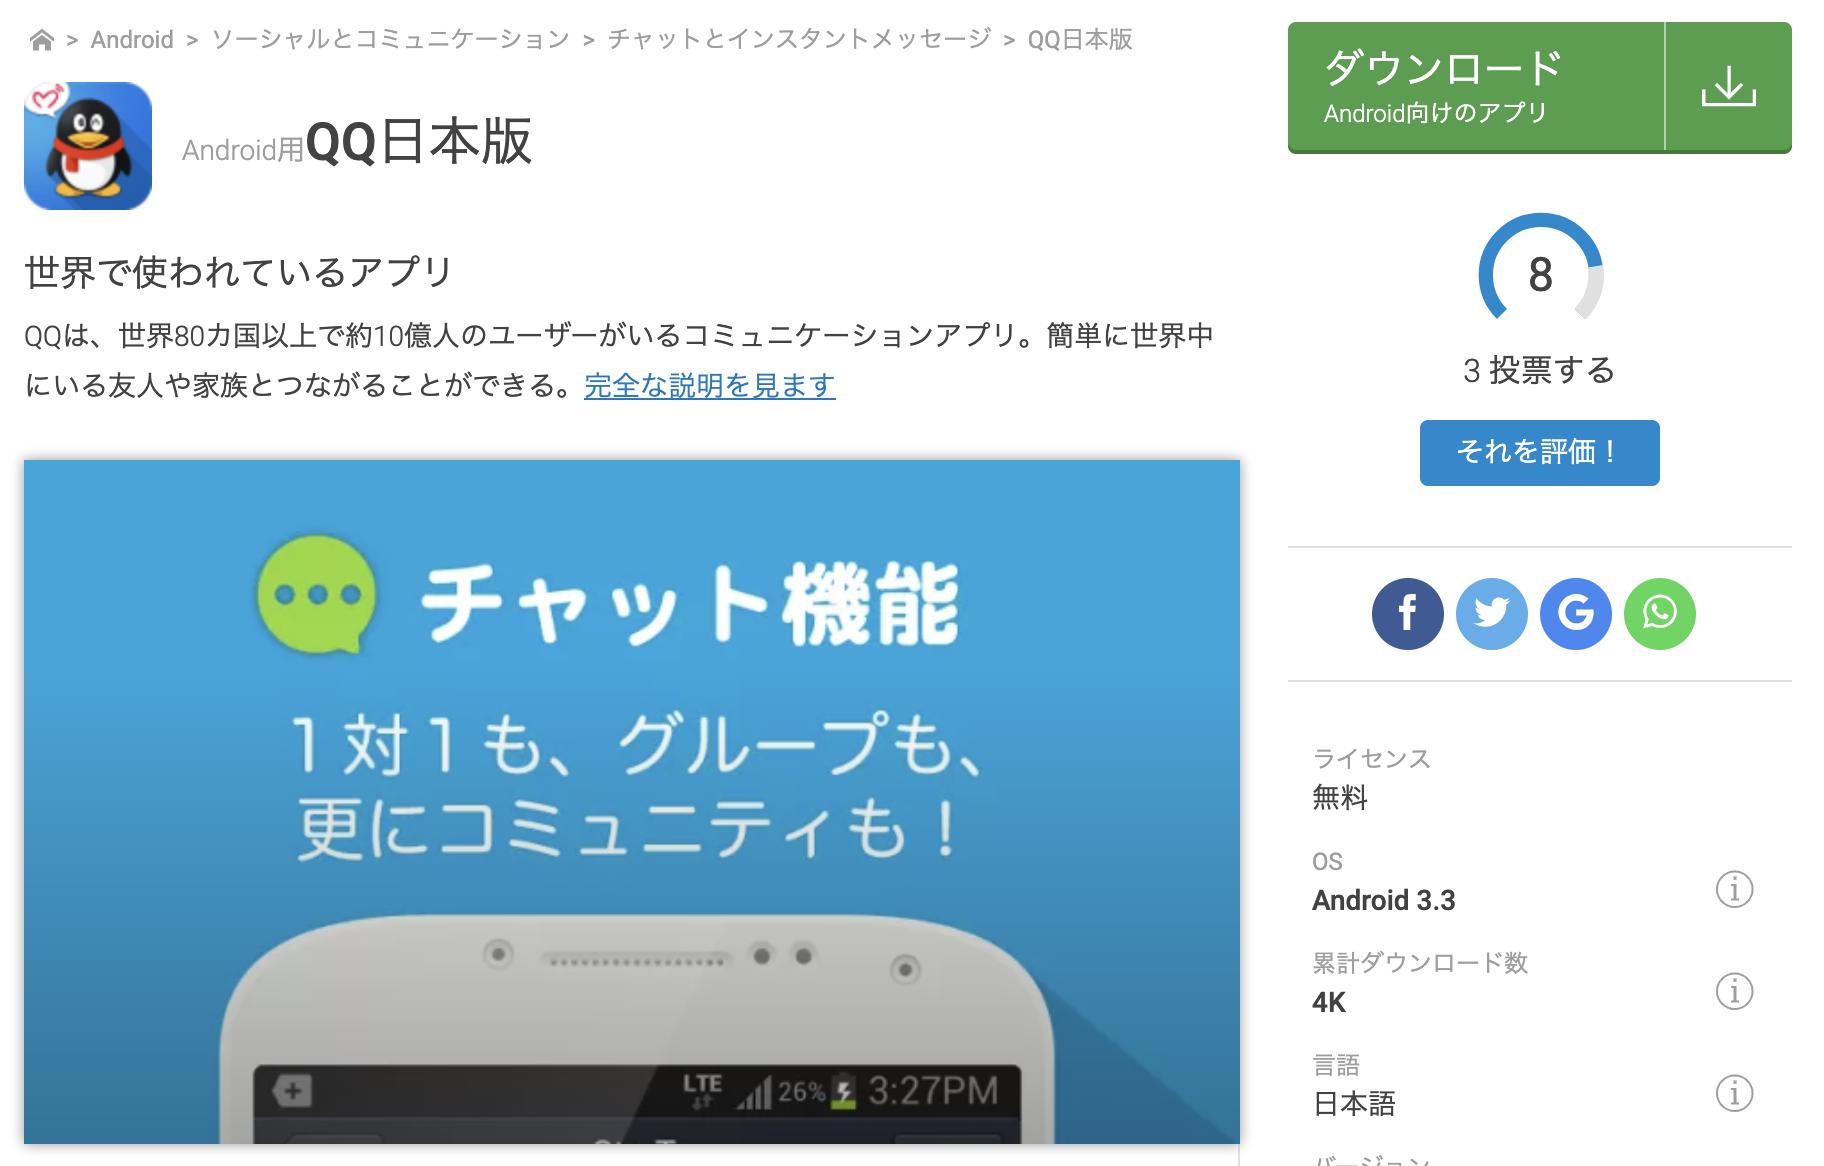 Google PlayよりQQ